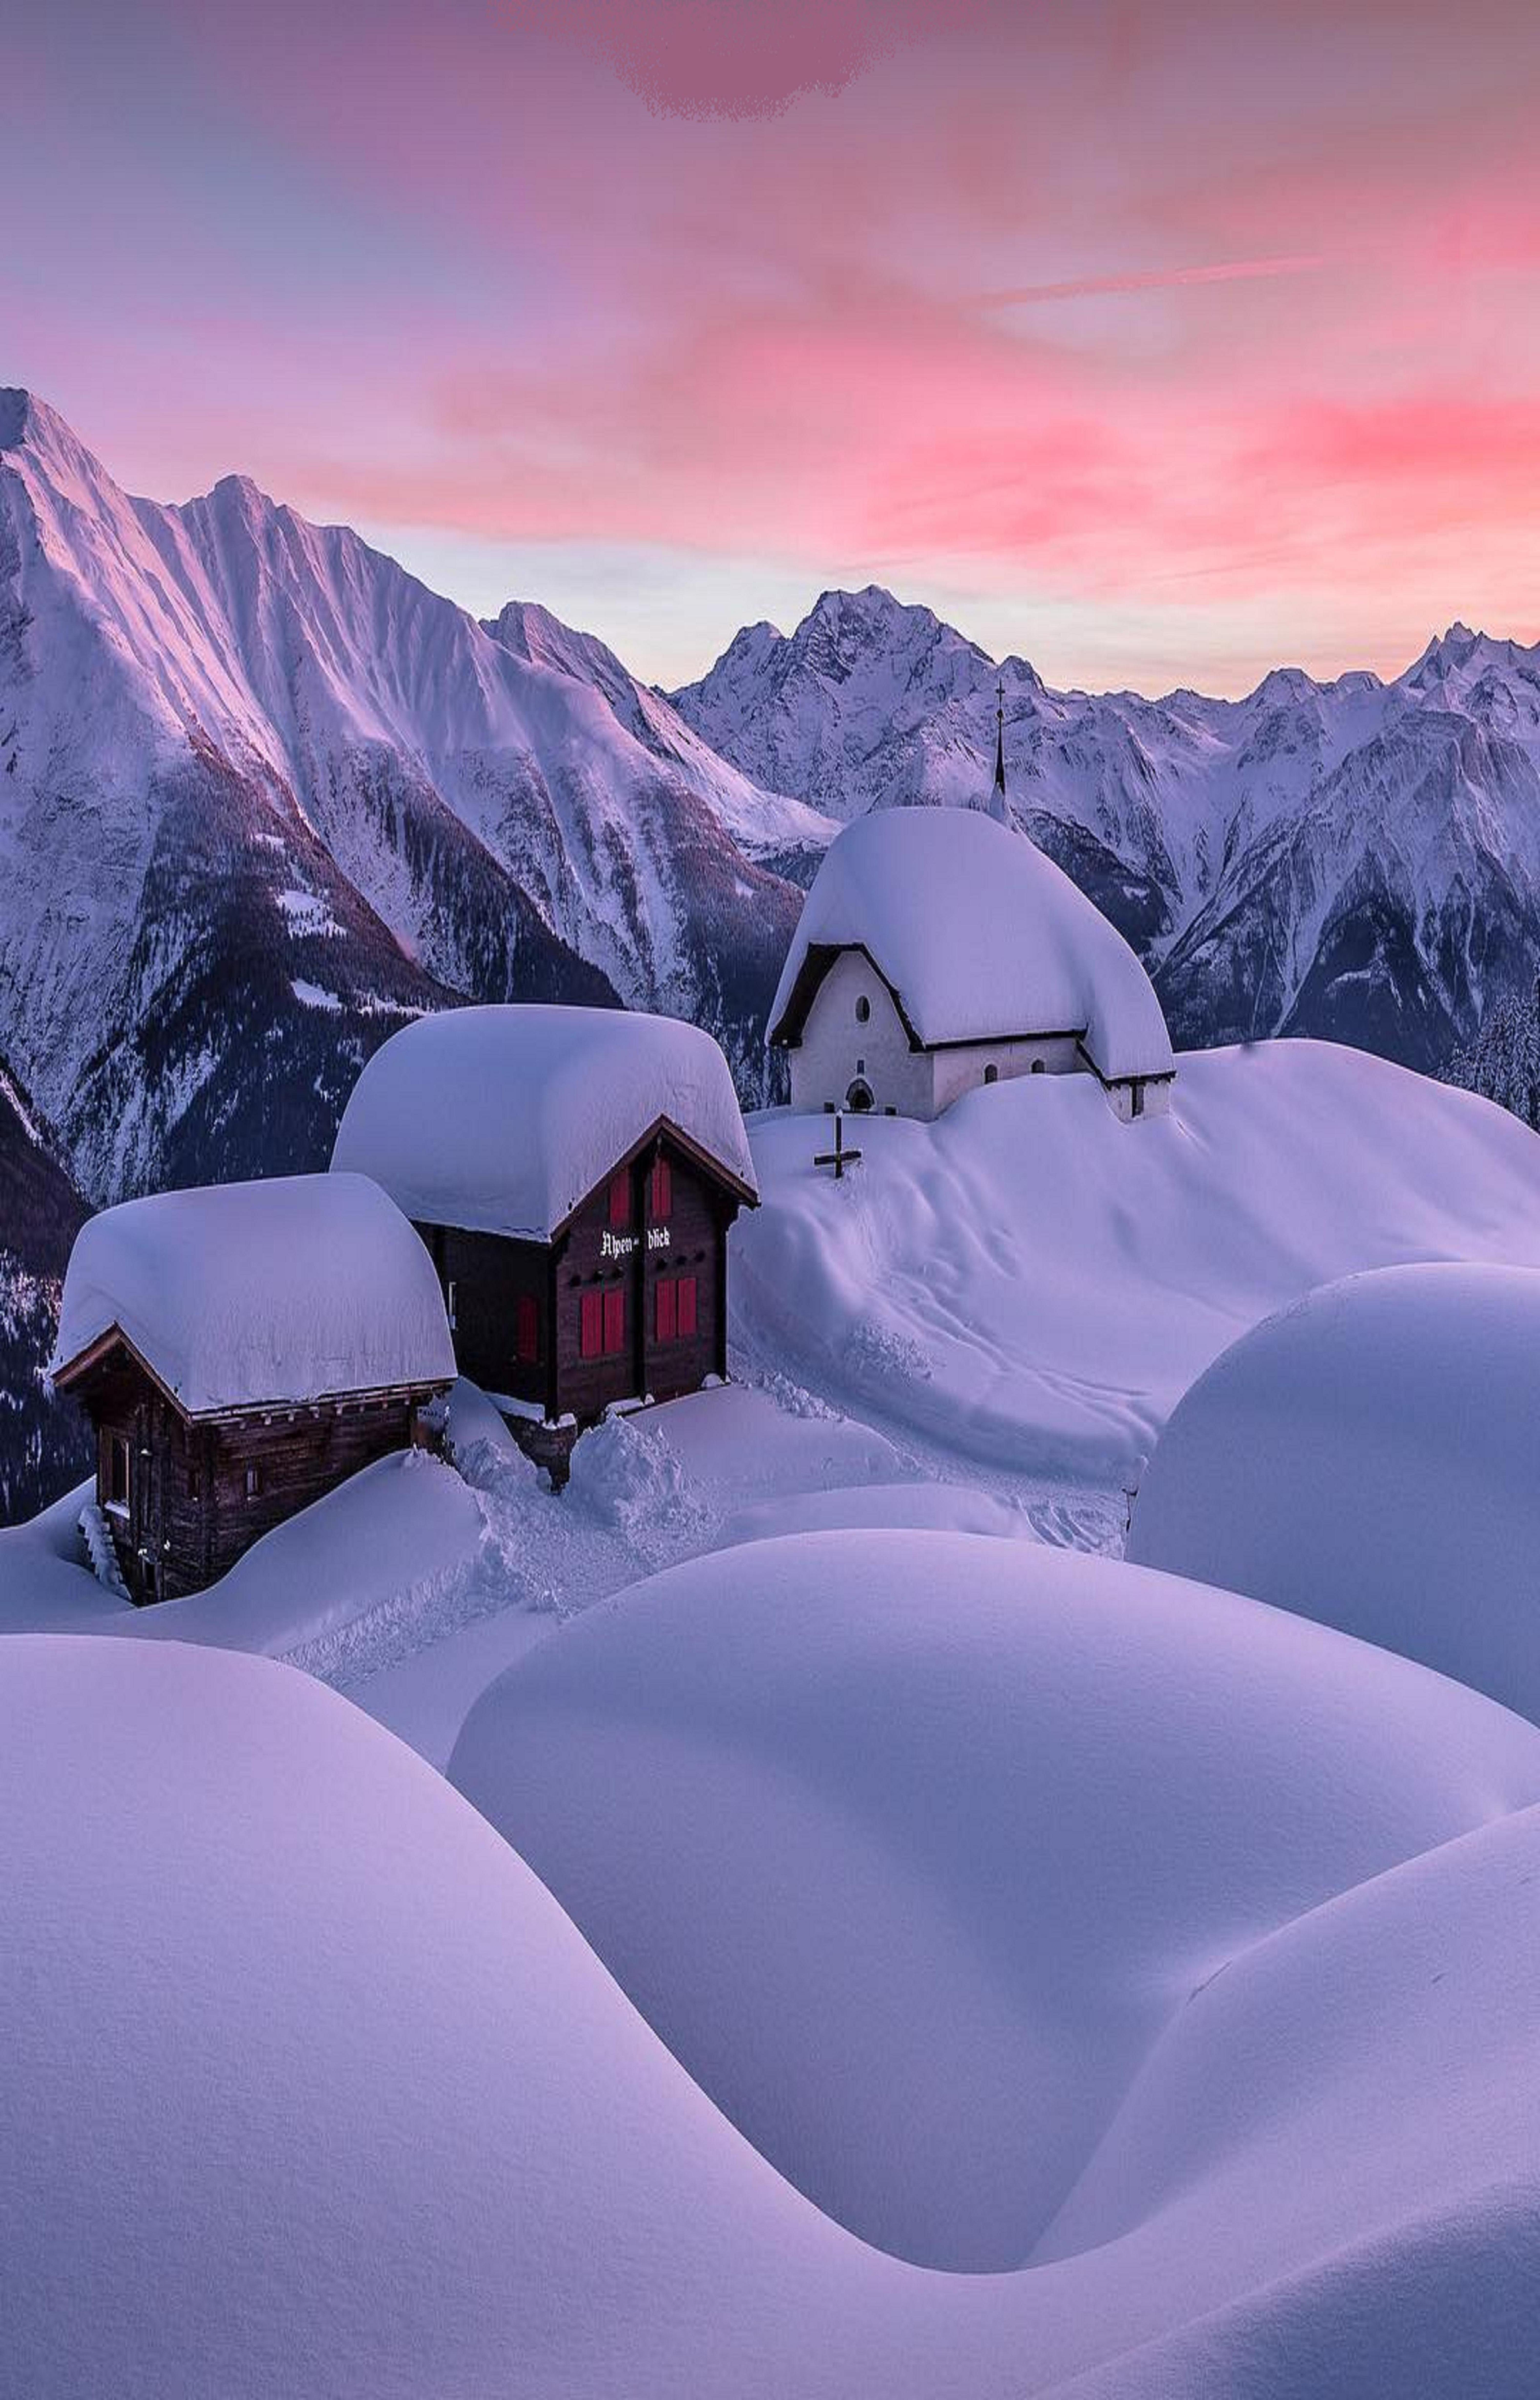 Skifahren über Weihnachten 2019.Pin Von Hans Werner Navoux Auf Winter In 2019 Snow Winter Scenery